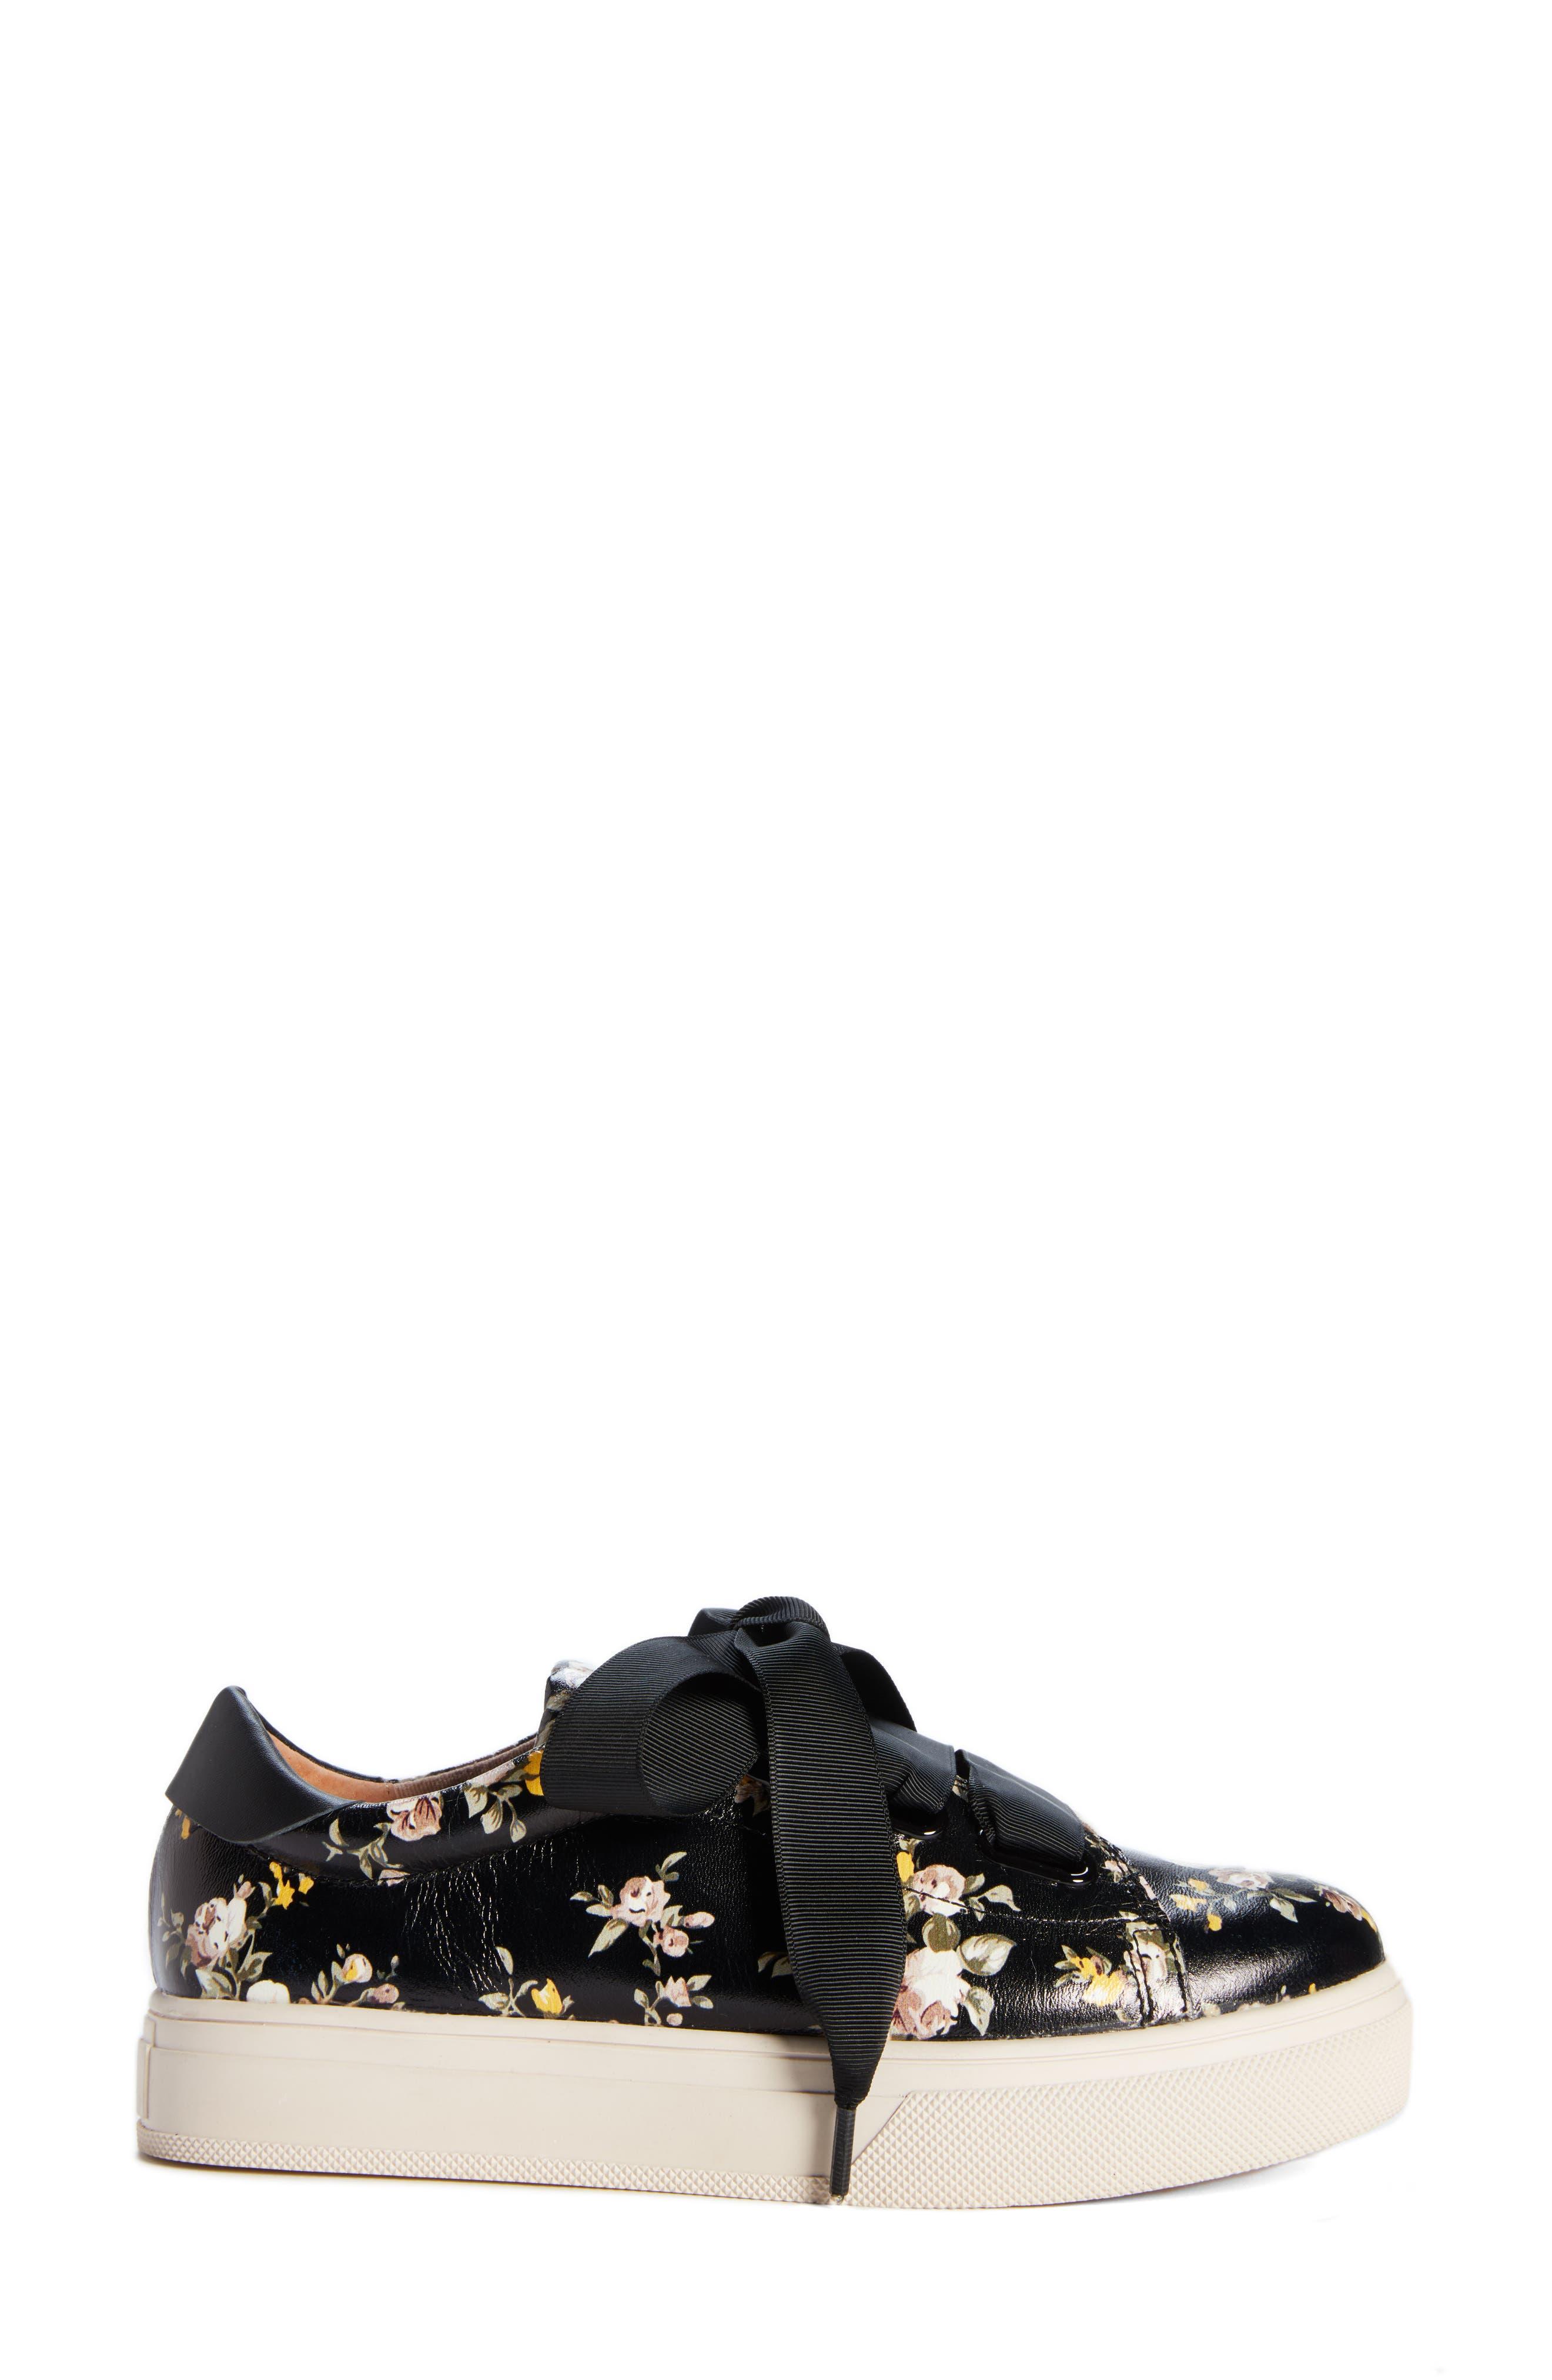 Carter Sneaker,                             Alternate thumbnail 3, color,                             002